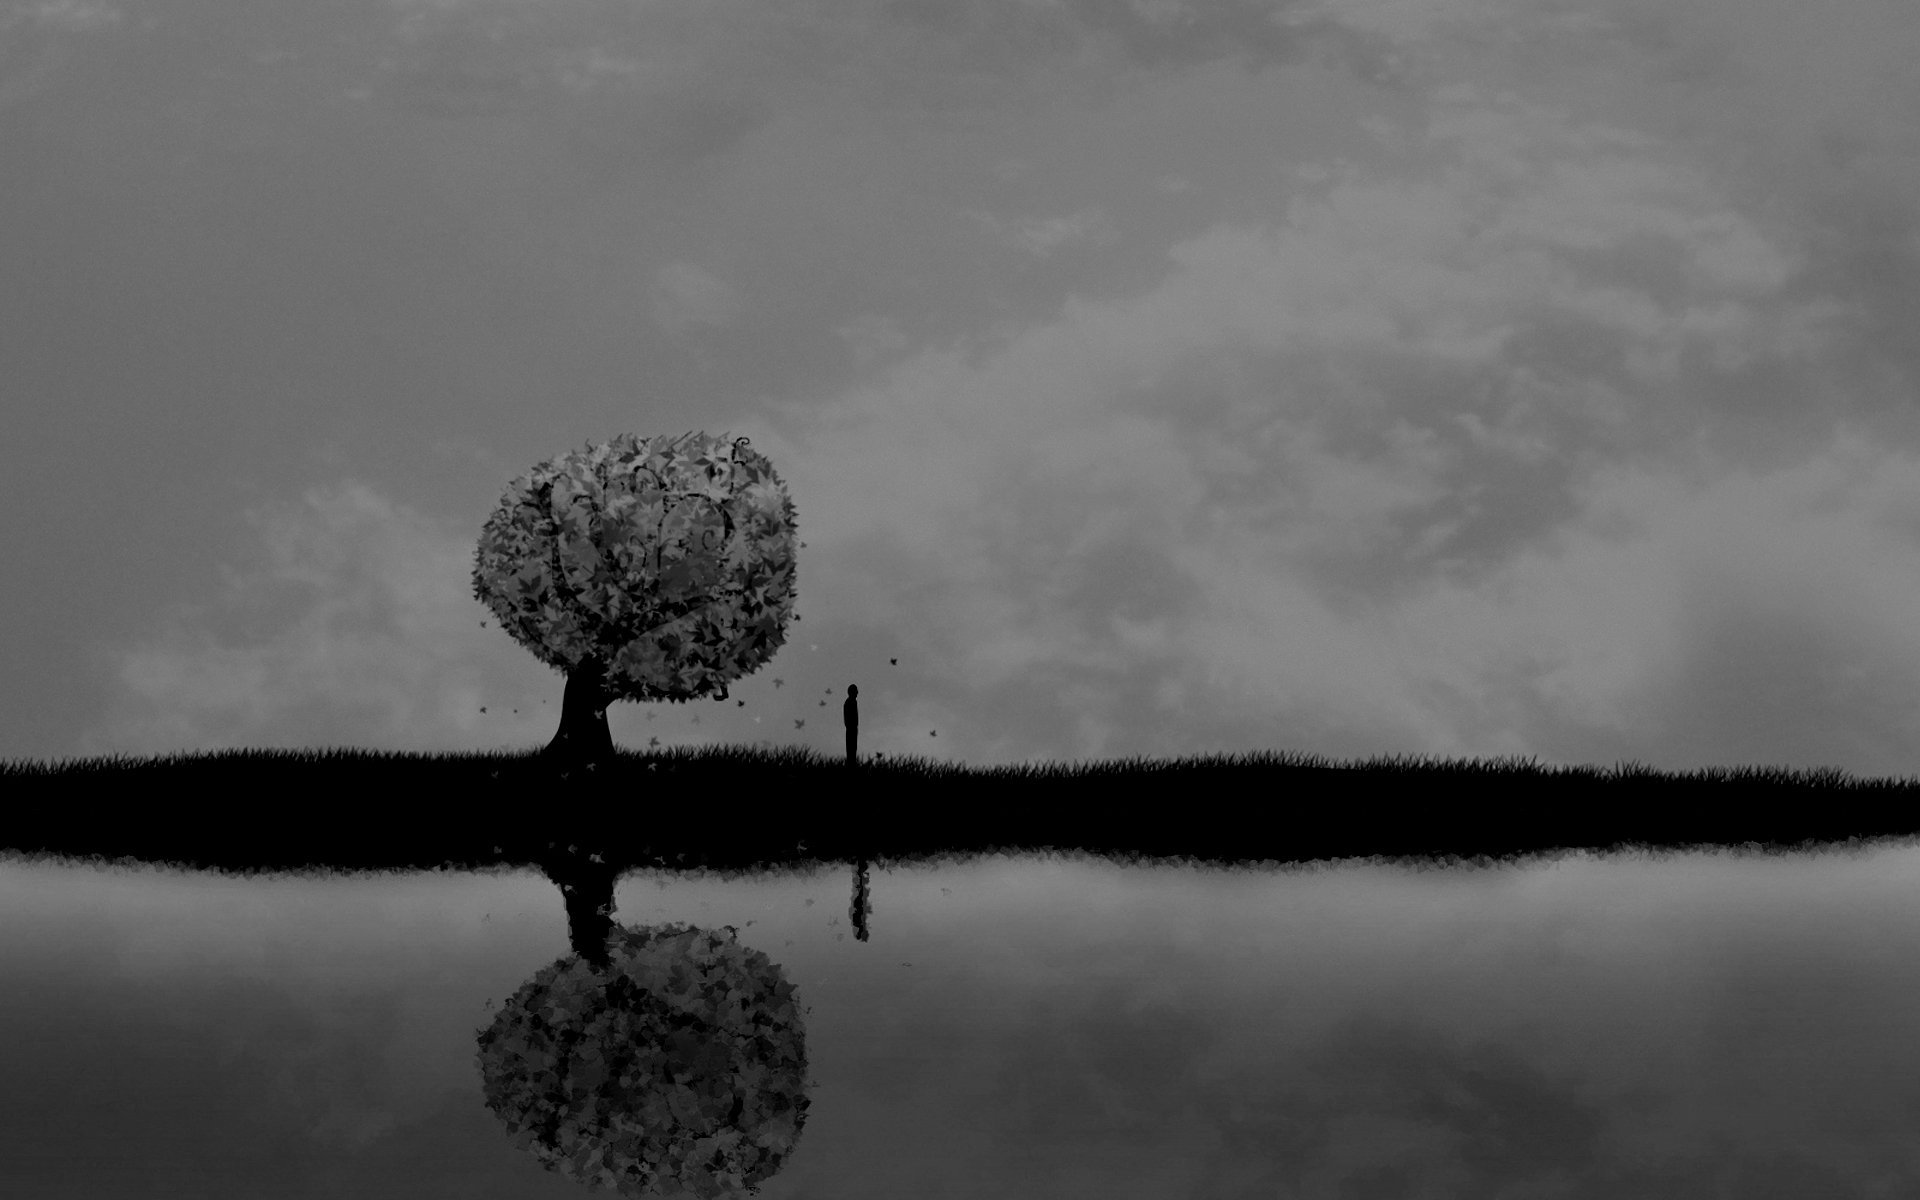 dark Horror Mood Alone Sad Sorrow Vector Art Lakes 1920x1200